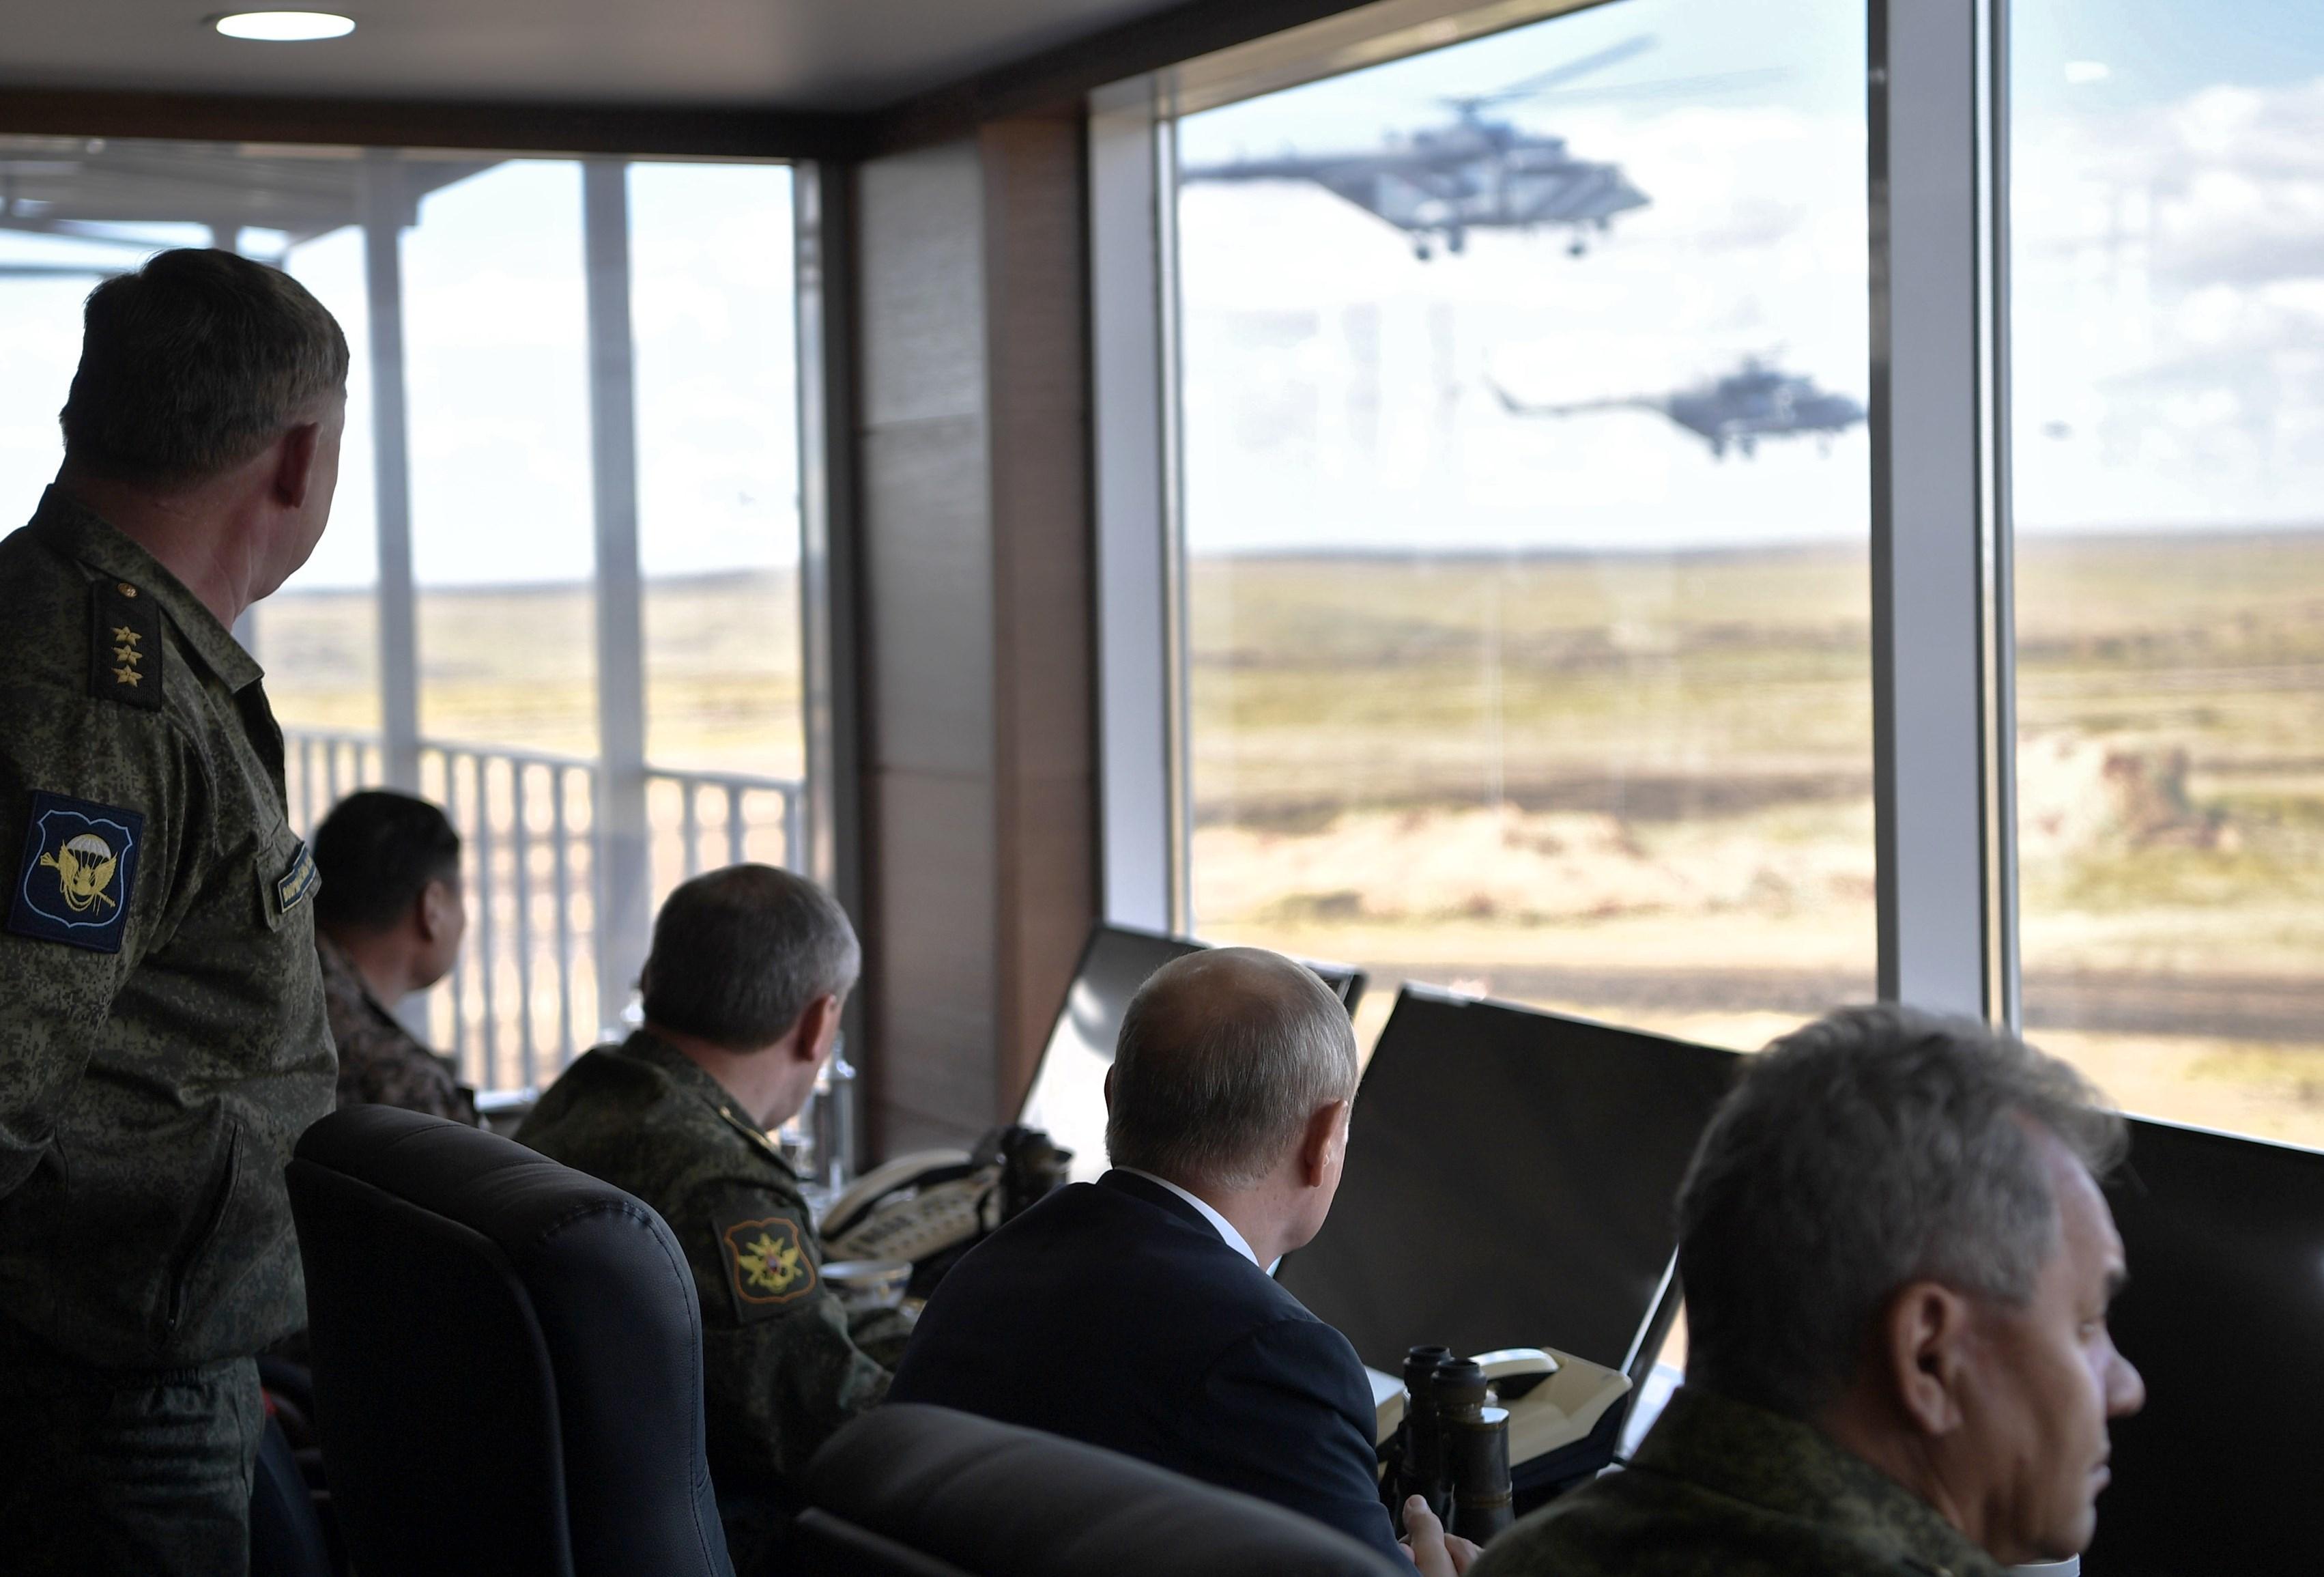 بوتين يتابع الطائرات العسكرية أثناء المناورة